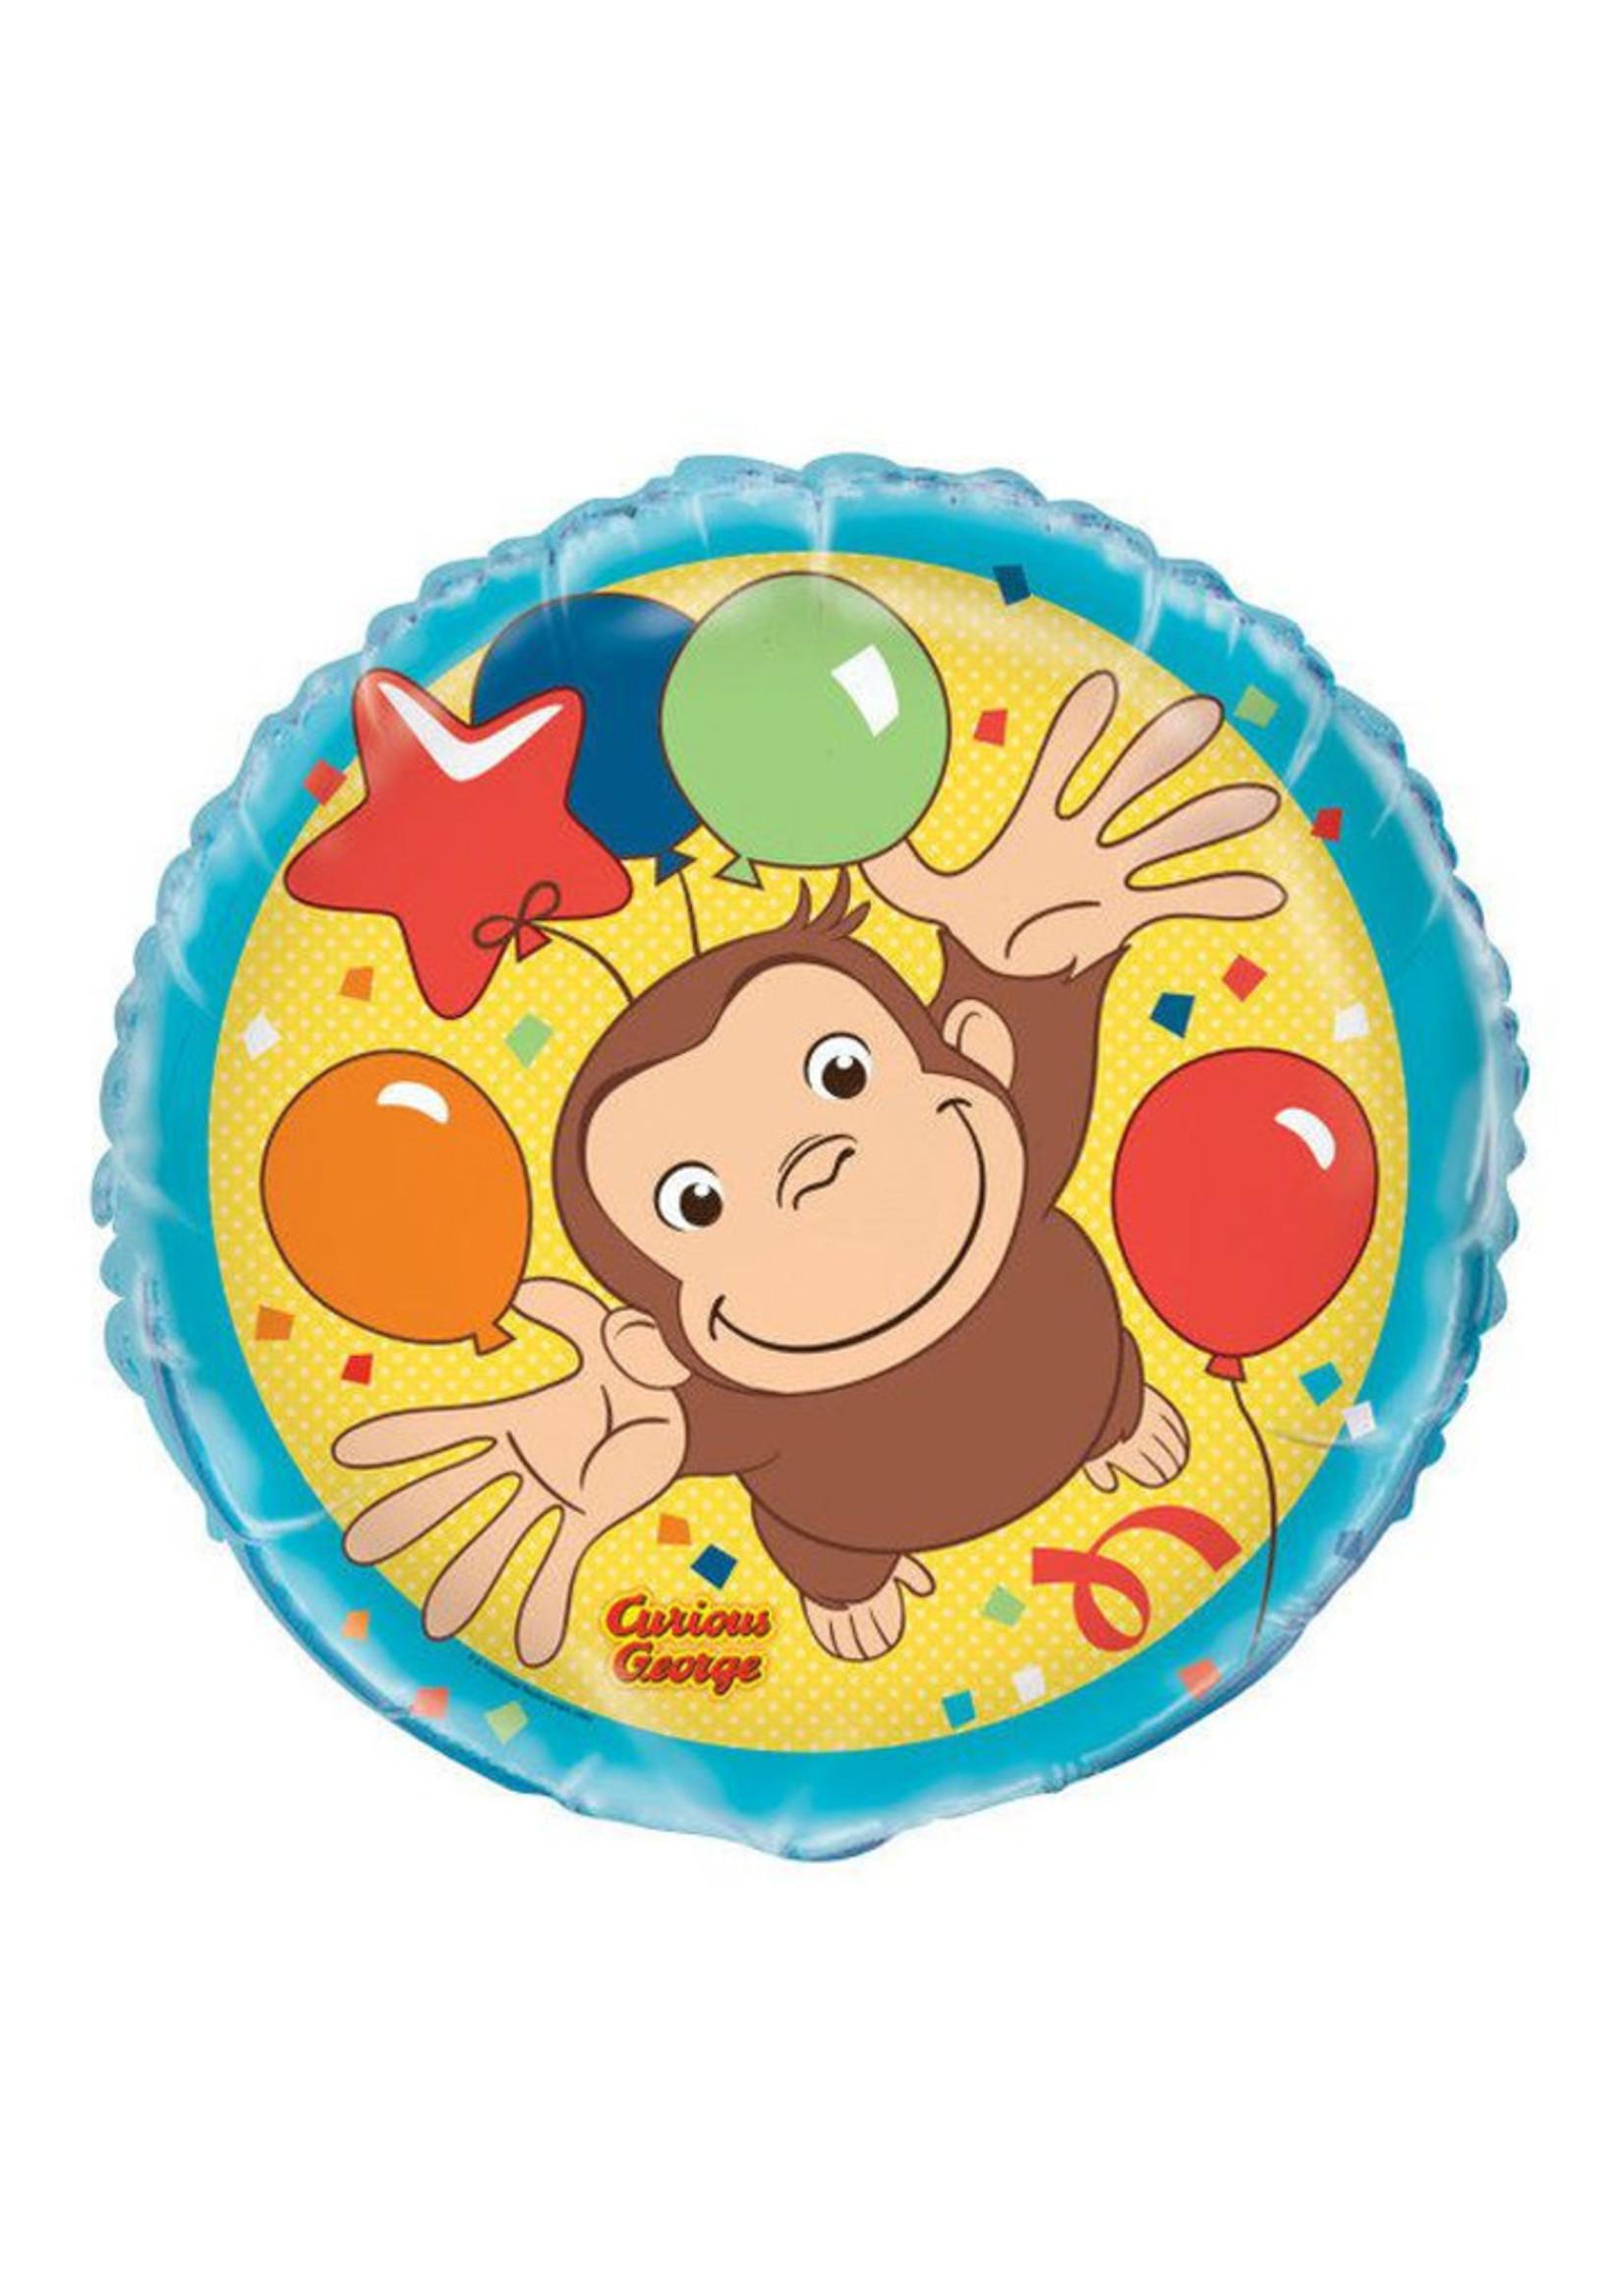 """UNIQUE INDUSTRIES INC Curious George 18"""" Foil Balloon"""